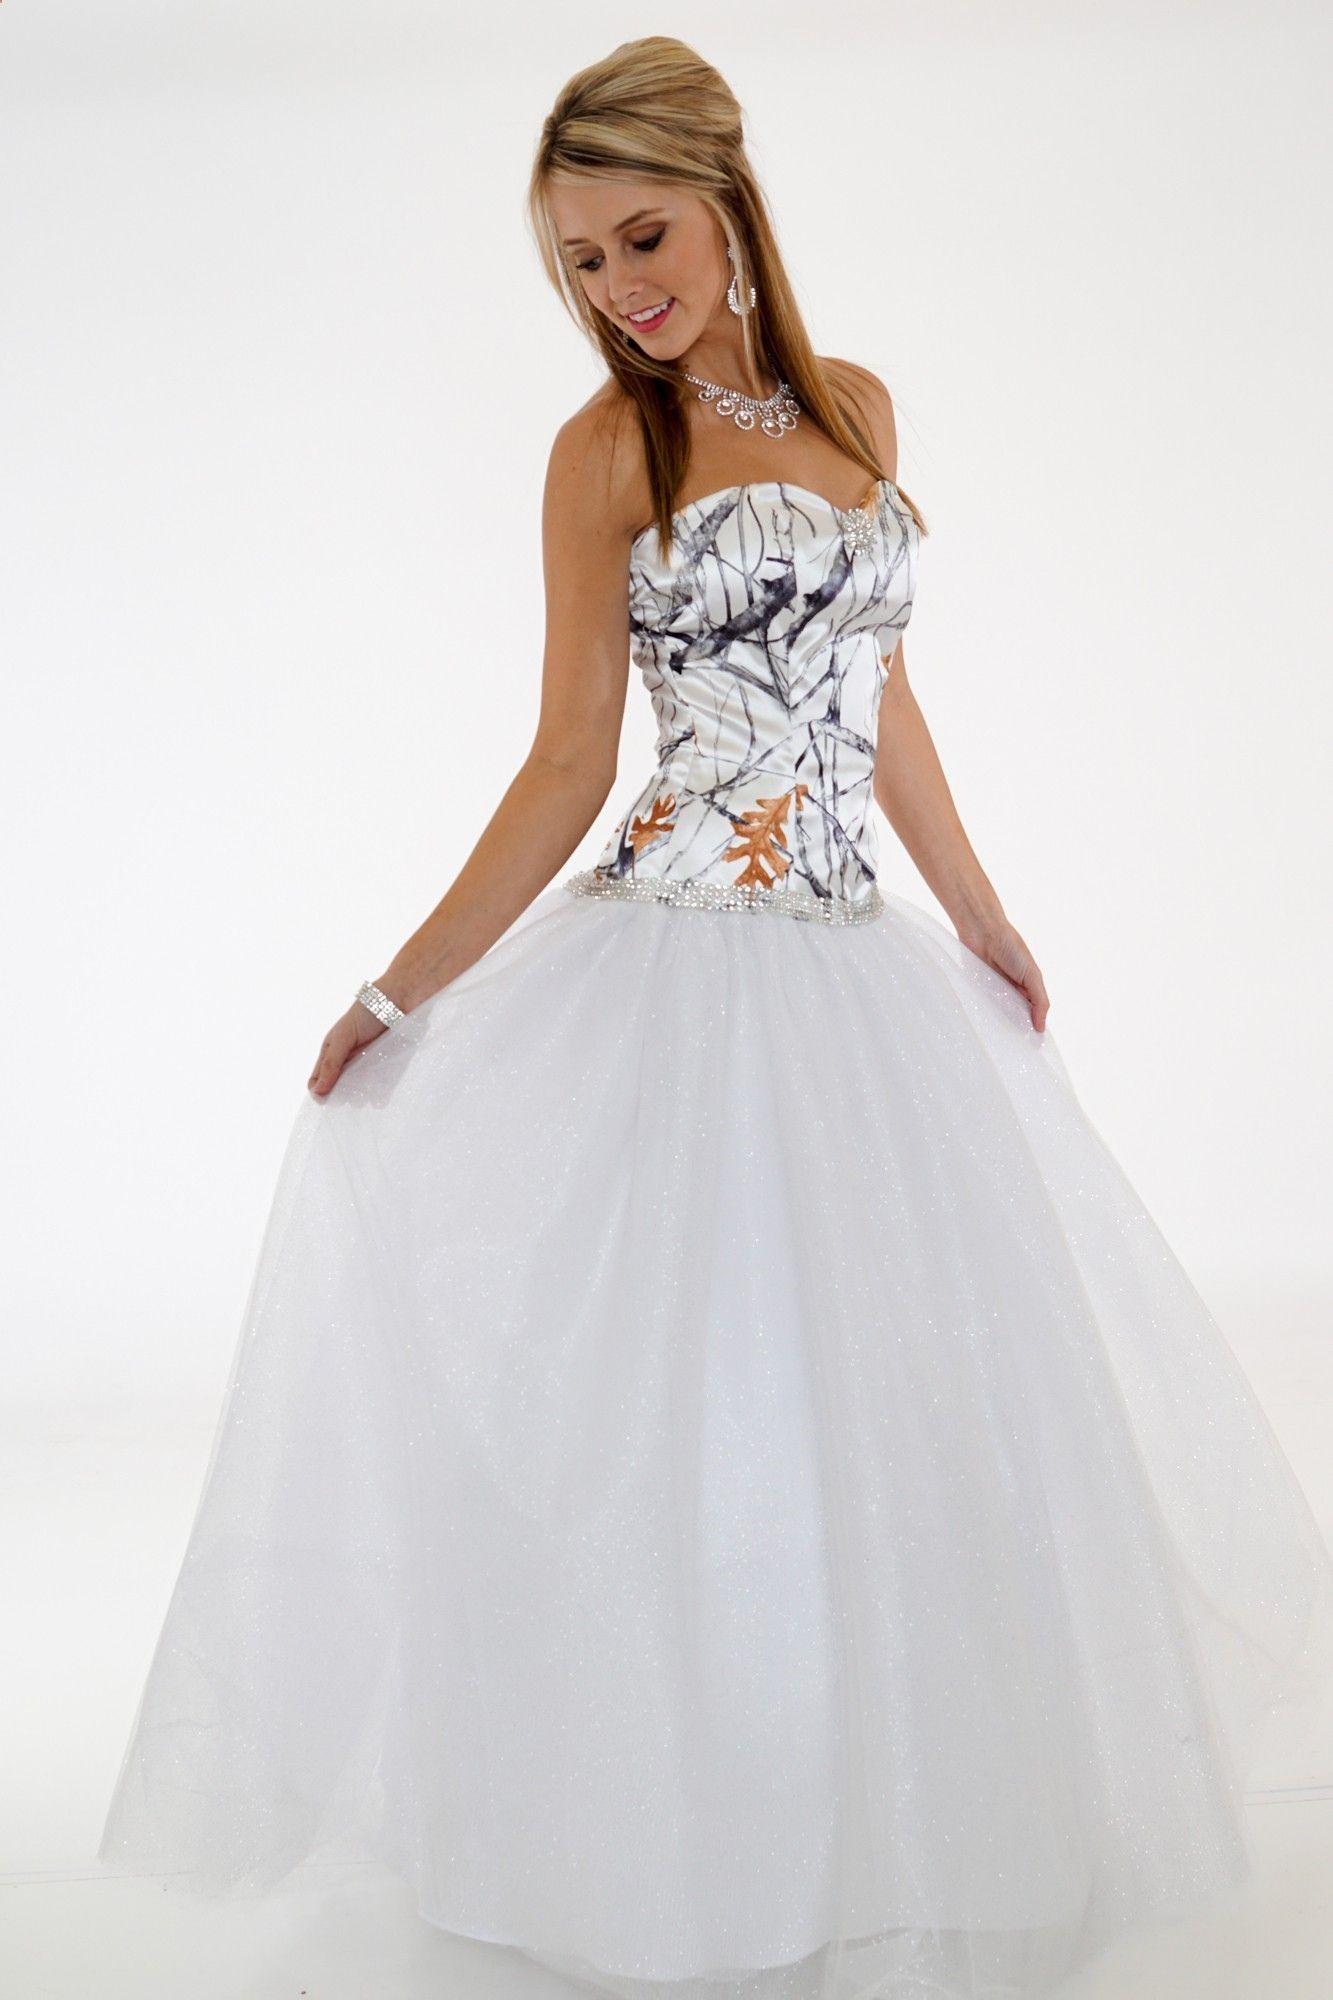 30 Camo Wedding Dresses Ideas For Your Wedding ...